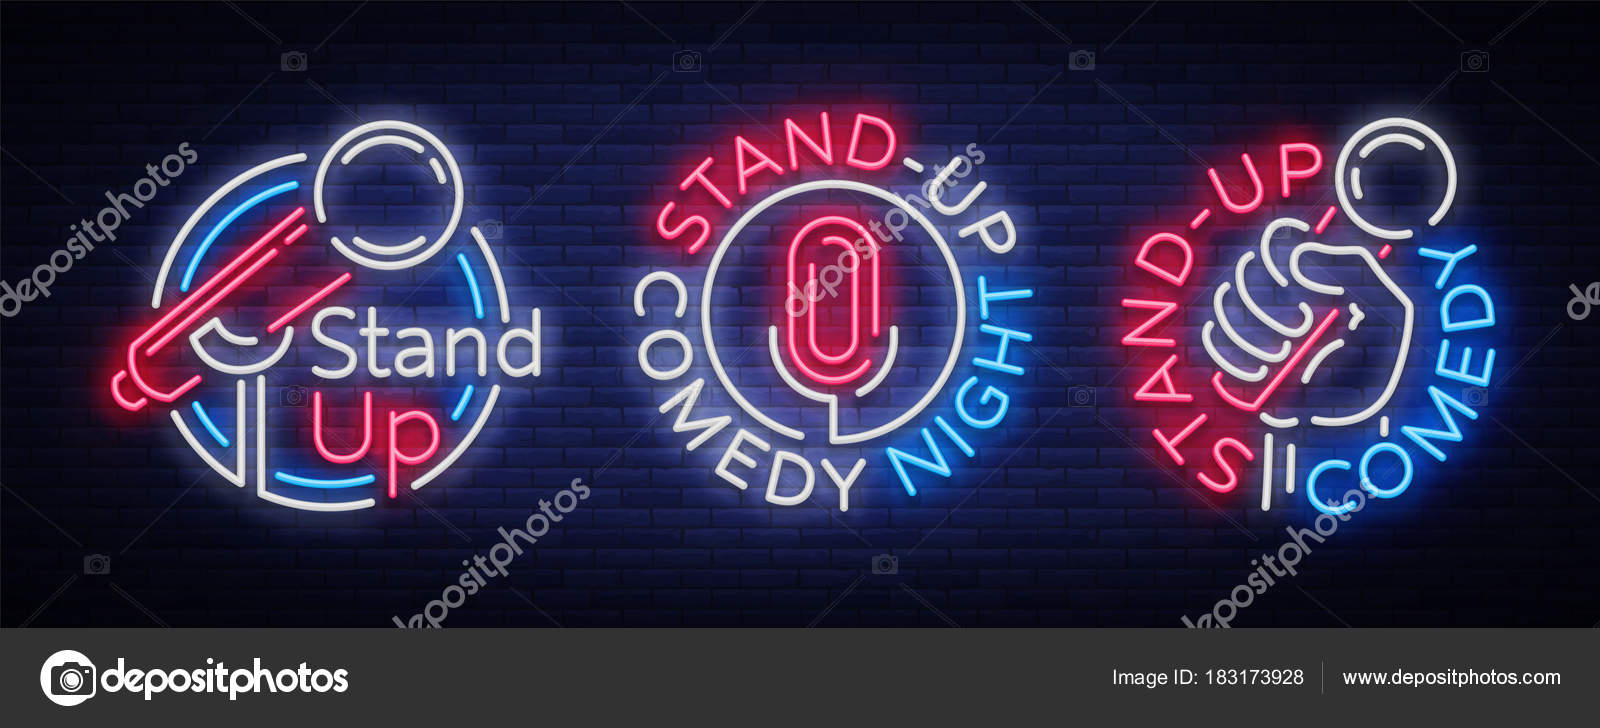 Stand Up Comedy Show es una colección de letreros de neón. Colección ...